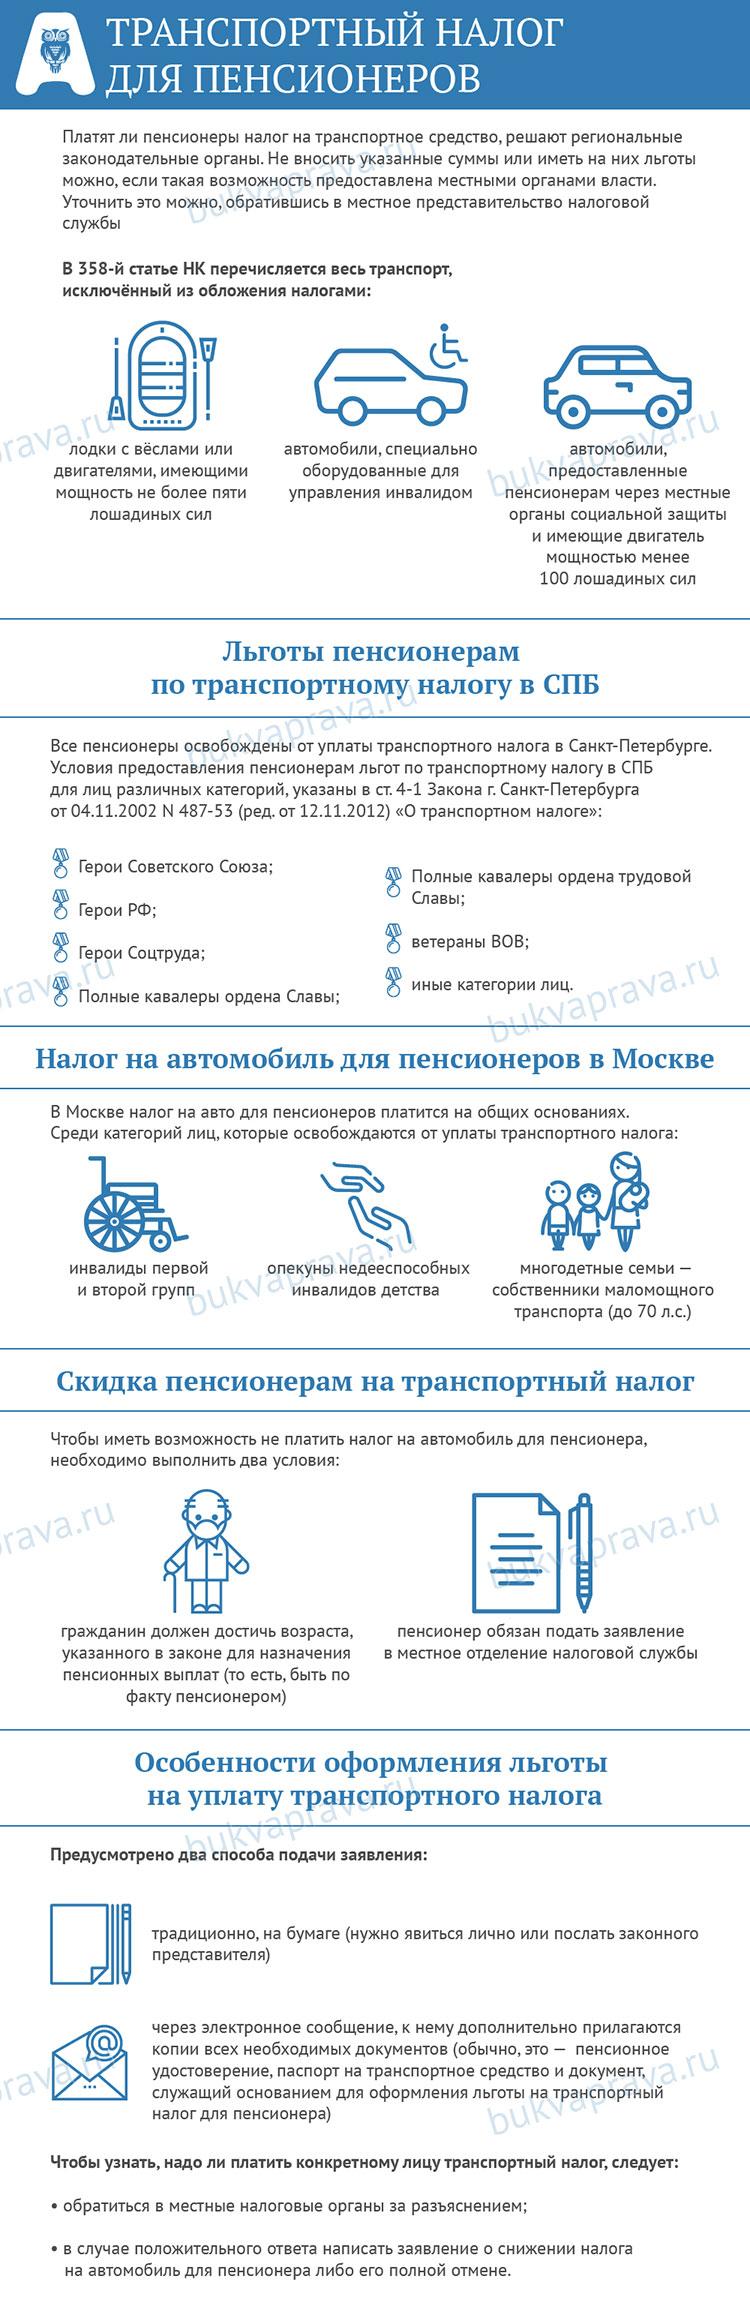 Транспортный налог в московской области ставки 2010 года где можно заработать в интернете без вложений денег новичку